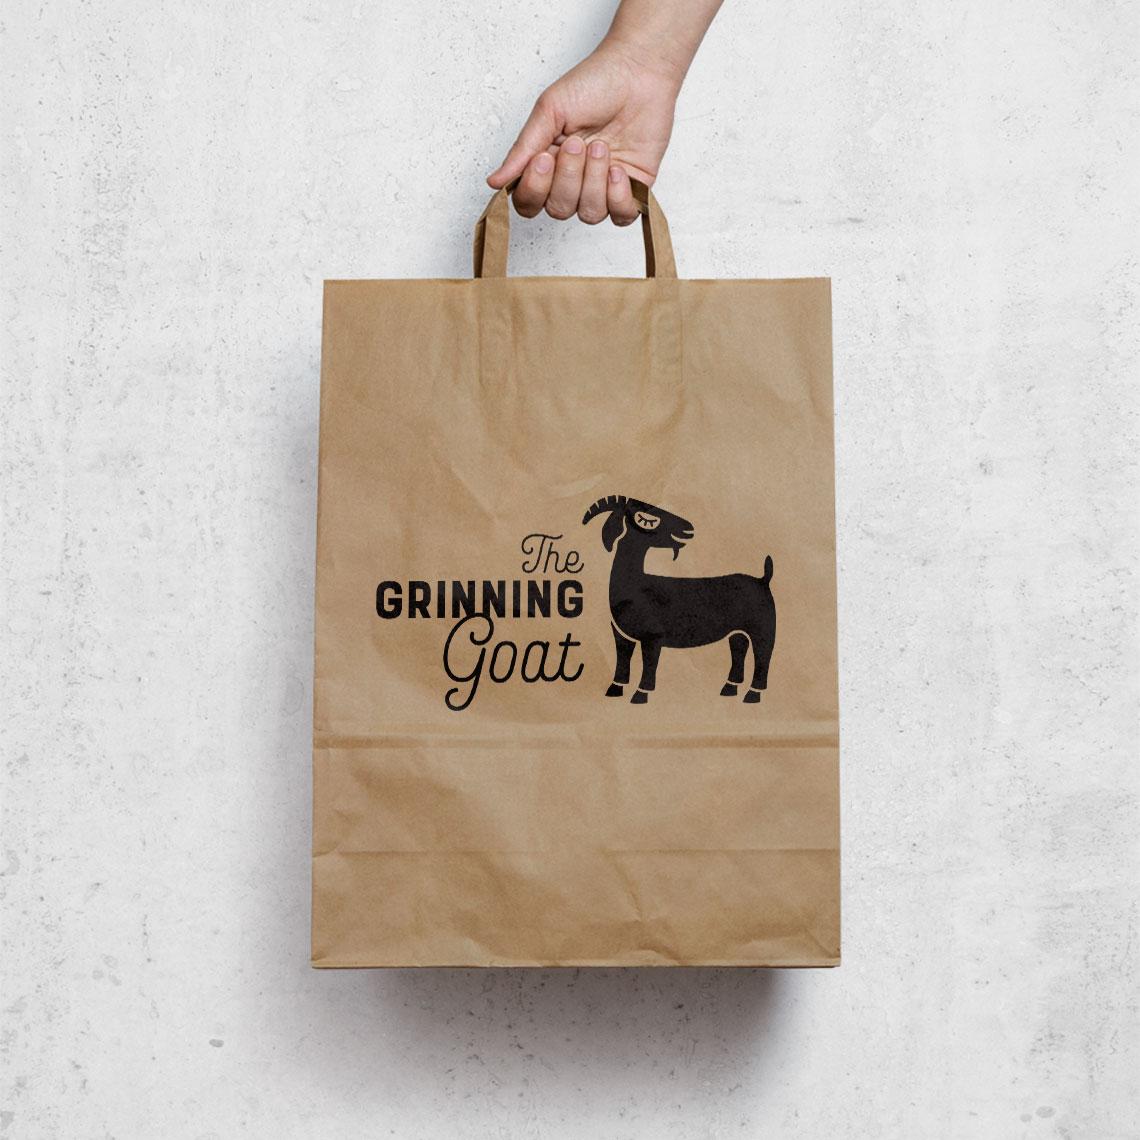 the grinning goat bag design